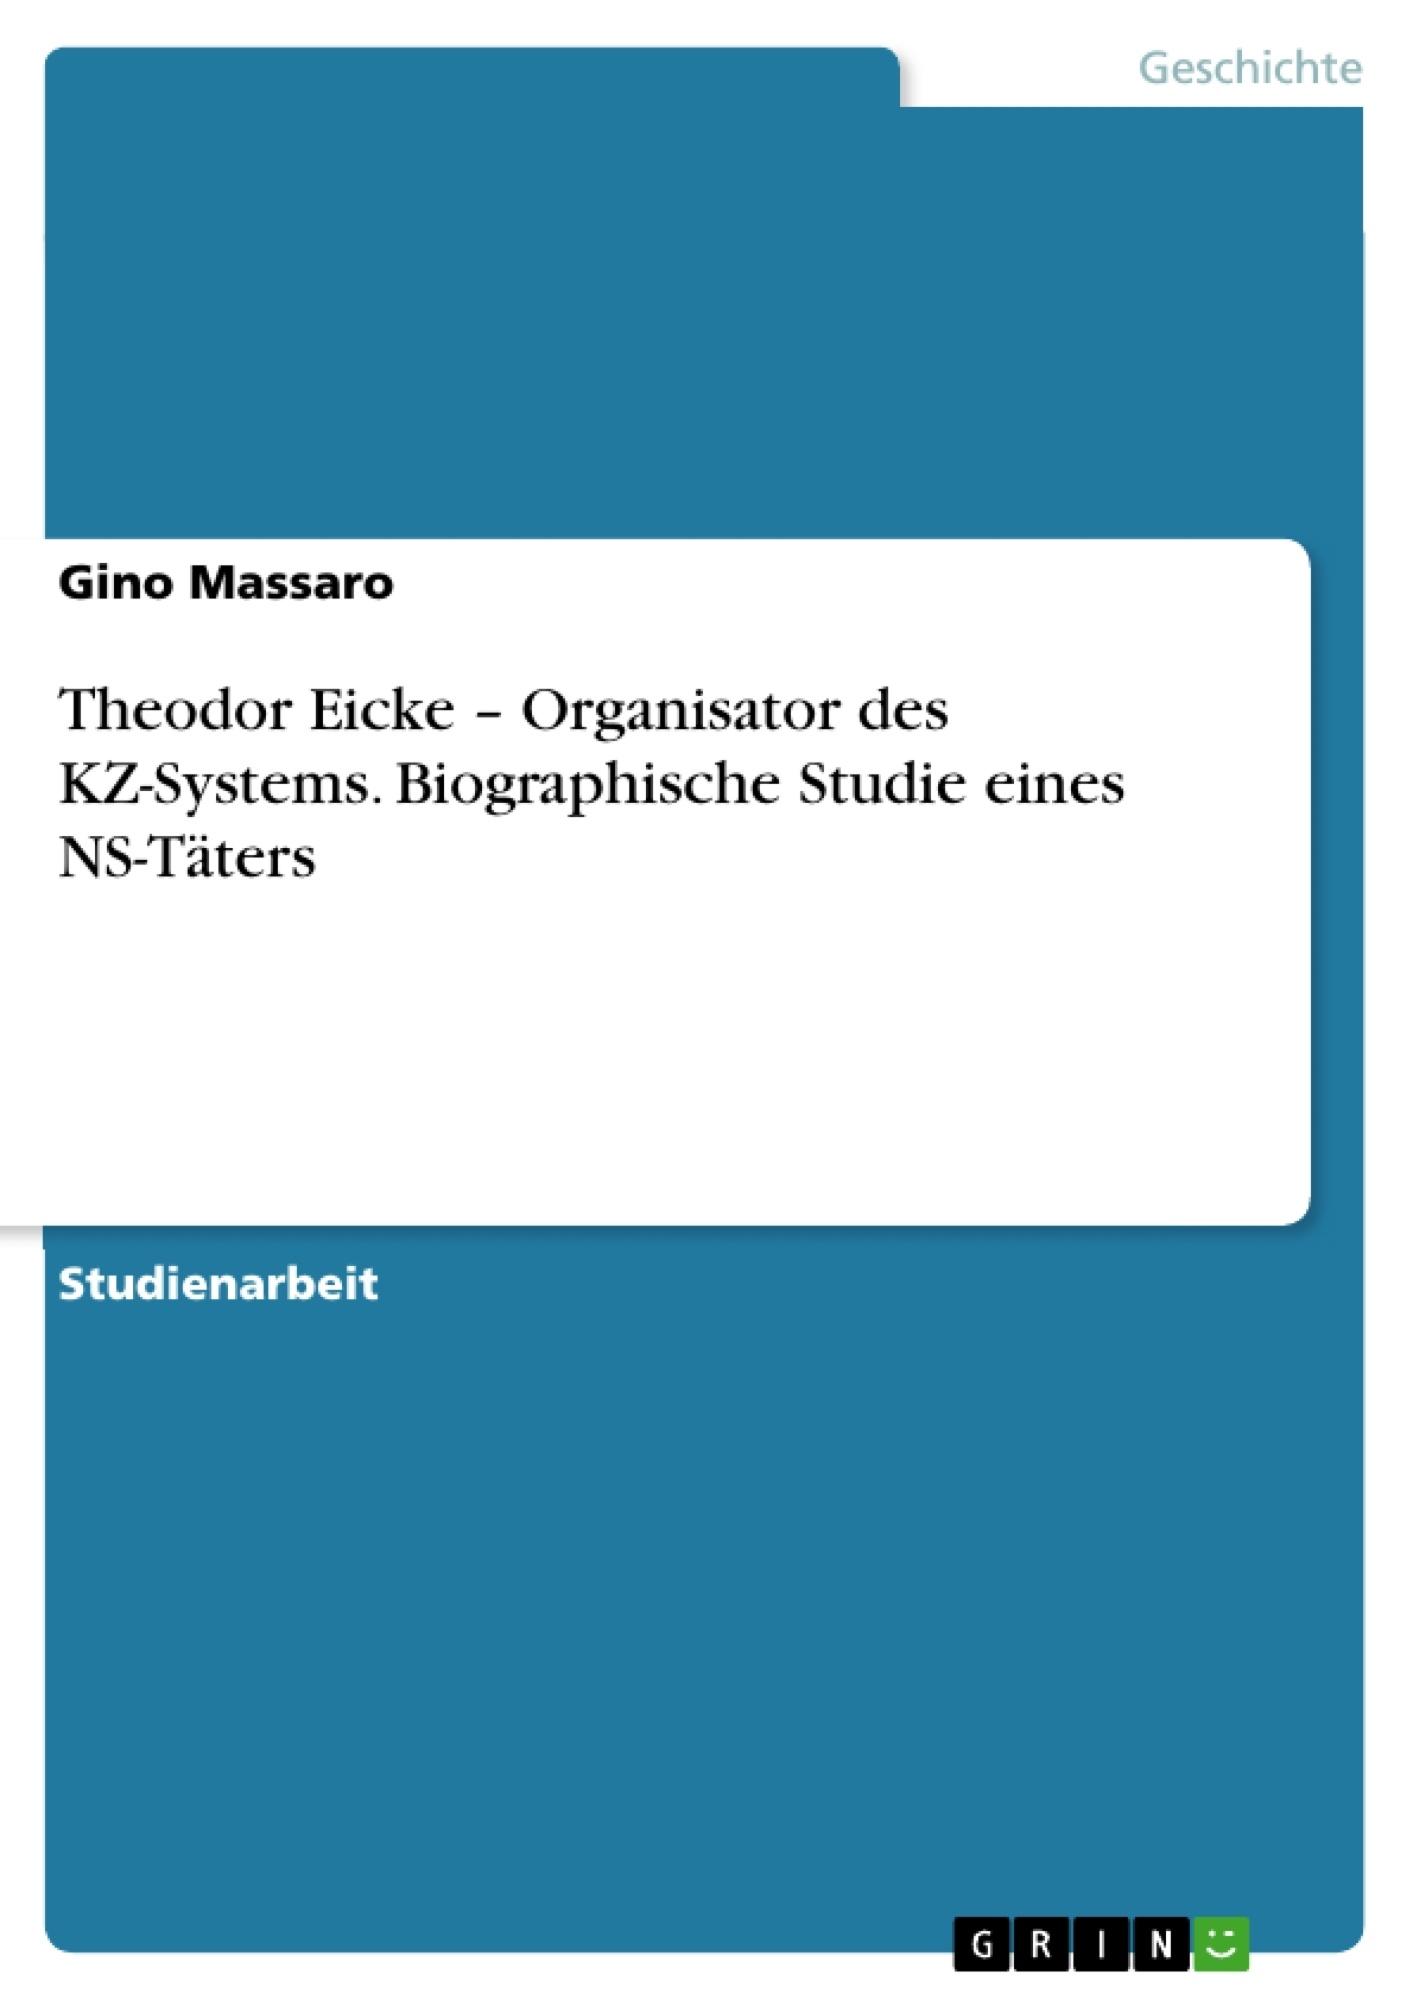 Titel: Theodor Eicke – Organisator des KZ-Systems. Biographische Studie eines NS-Täters